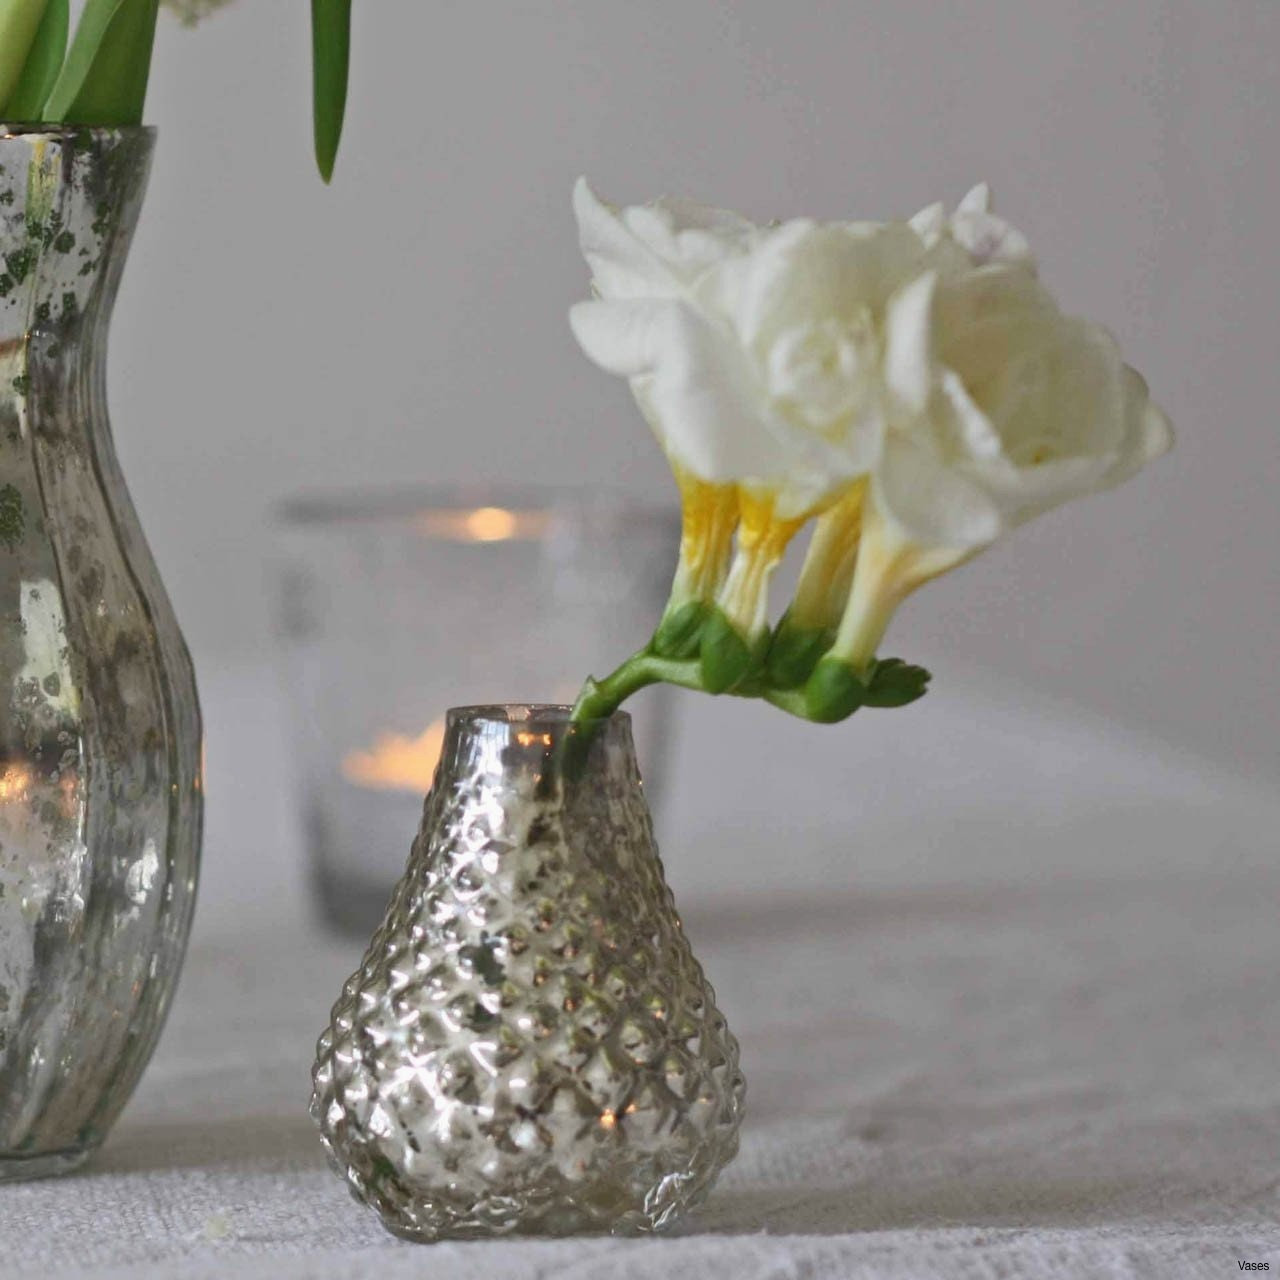 25 Elegant Vintage Style Vases 2021 free download vintage style vases of awesome jar flower 1h vases bud kuxniya inside artificial flowers for dining table lively jar flower 1h vases bud wedding vase centerpiece idea i